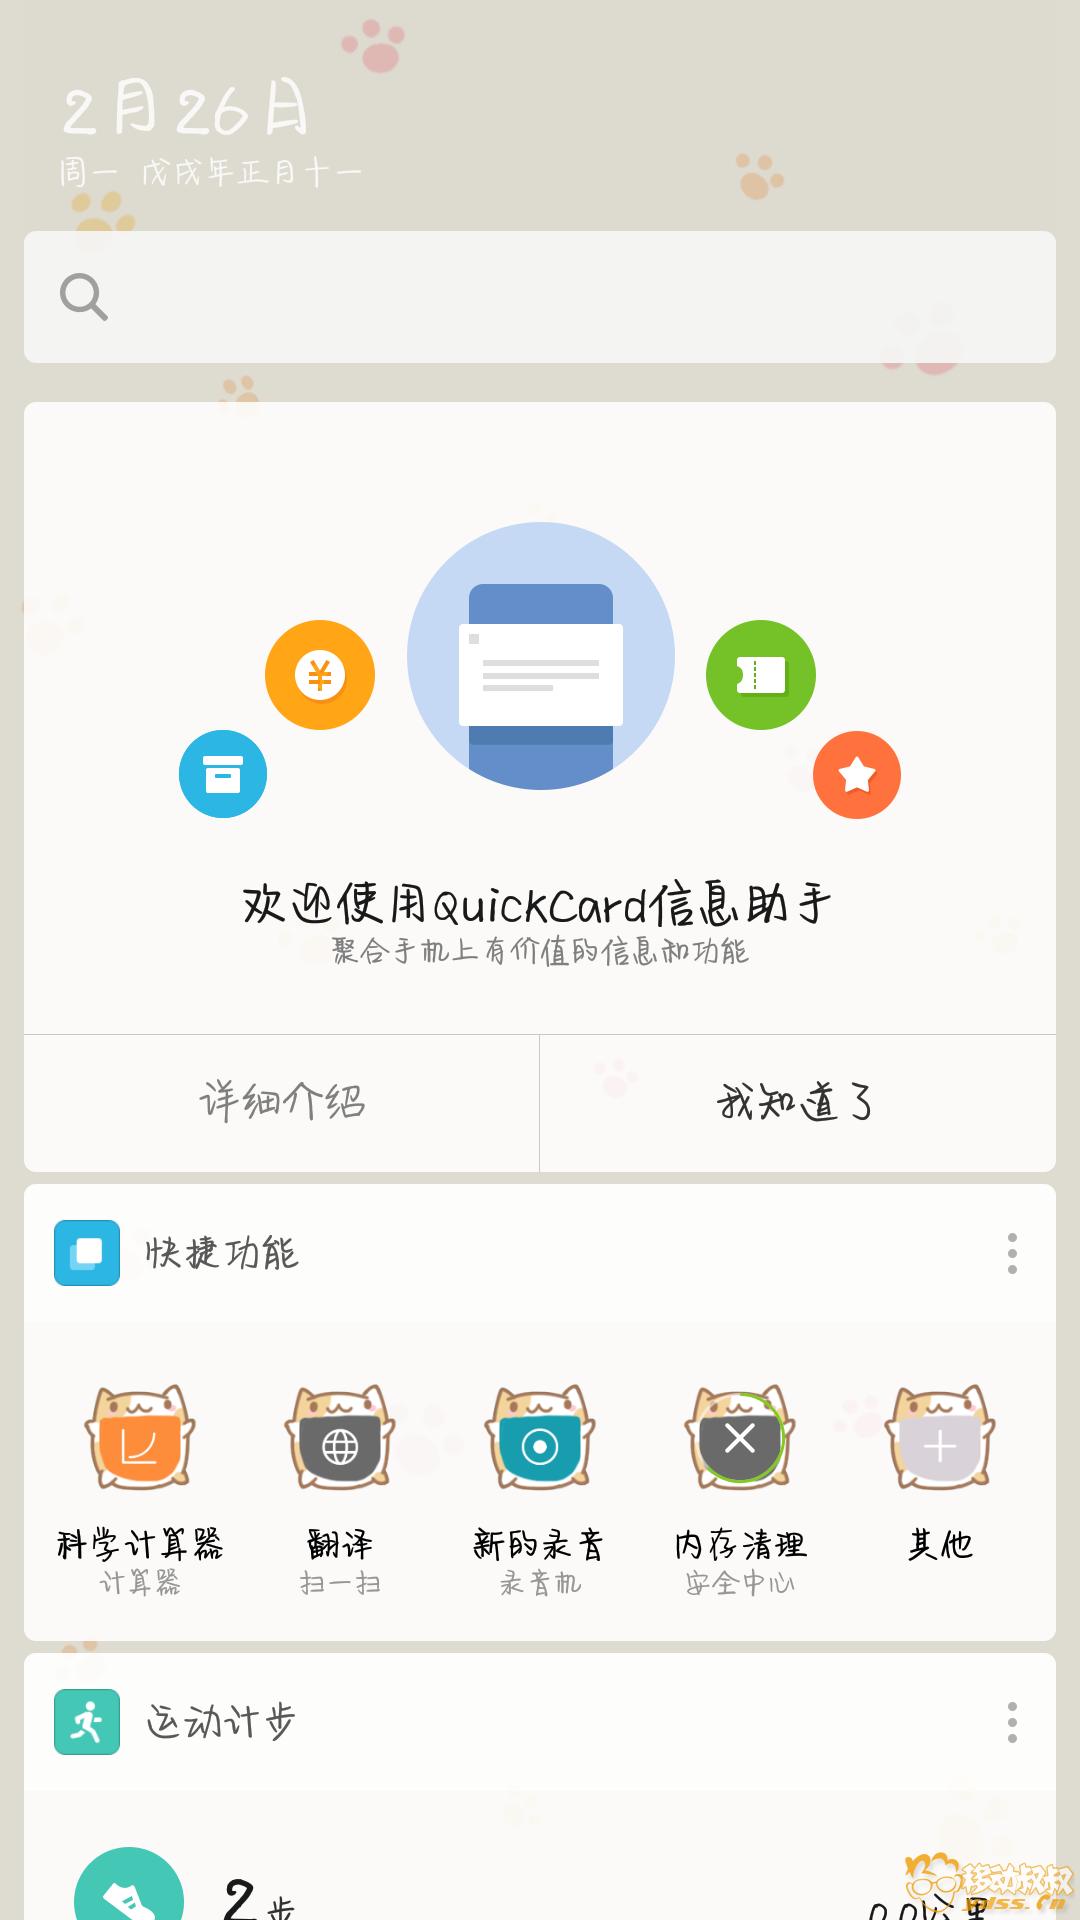 Screenshot_2018-02-26-13-40-46-267_com.miui.home.png